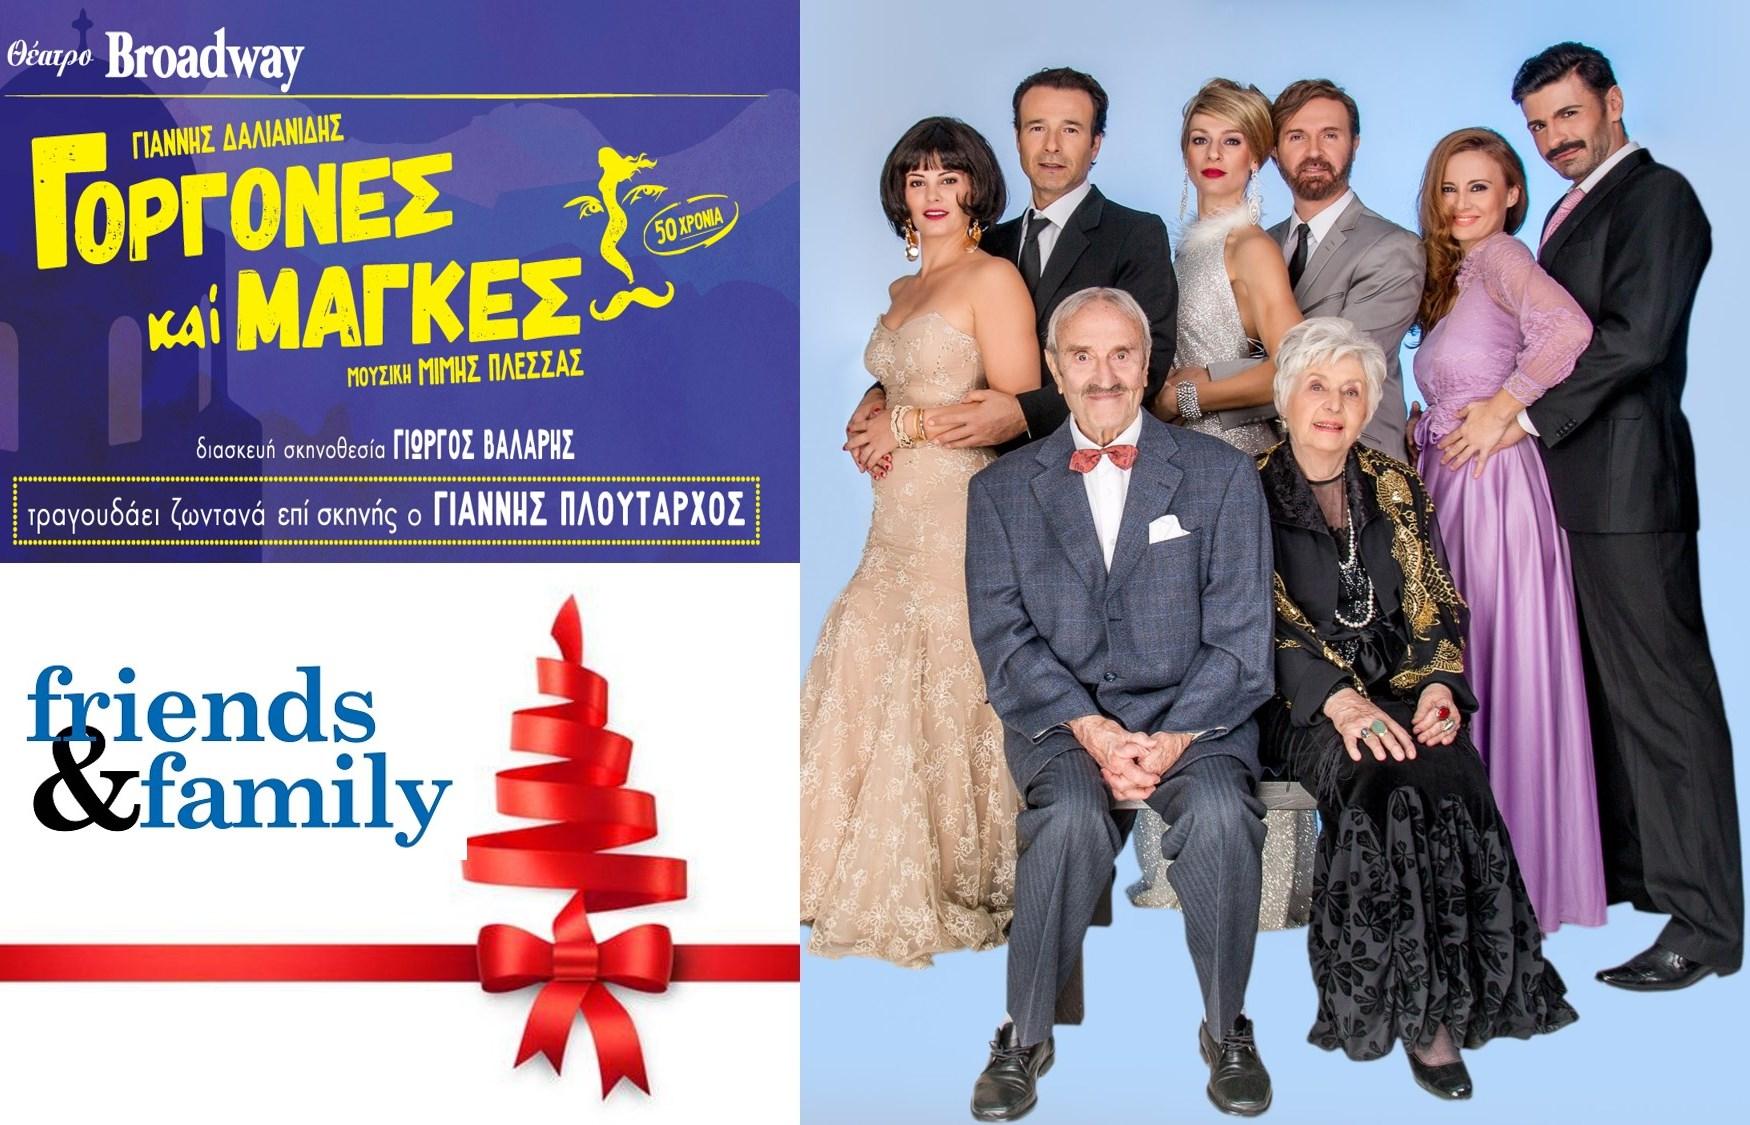 ΓΟΡΓΟΝΕΣ ΚΑΙ ΜΑΓΚΕΣ ''Friends & Family'' πακέτο! Από 14€/άτομο, στη θεατρική υπερπαραγωγή του Χειμώνα, στο ανακαινισμένο Broadway. Για πρώτη φορά στο θέατρο το αξεπέραστο musical της Φίνος Φιλμ, με μια πλειάδα δημοφιλών ηθοποιών, 7μελή ζωντανή ορχήστρα & τον Πλούταρχο ζωντανά επί σκηνής!